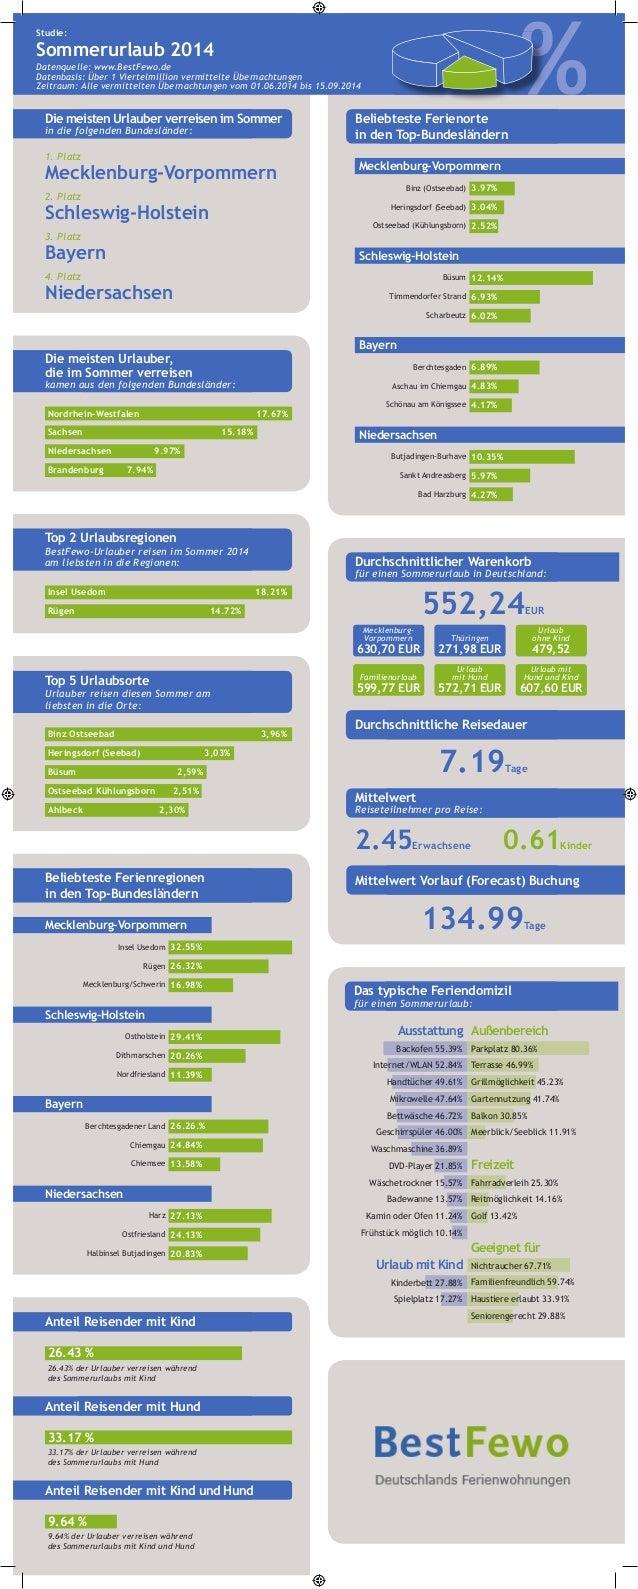 Die meisten Urlauber verreisen im Sommer in die folgenden Bundesländer: %%%% Studie: Sommerurlaub 2014 Datenquelle: www.Be...